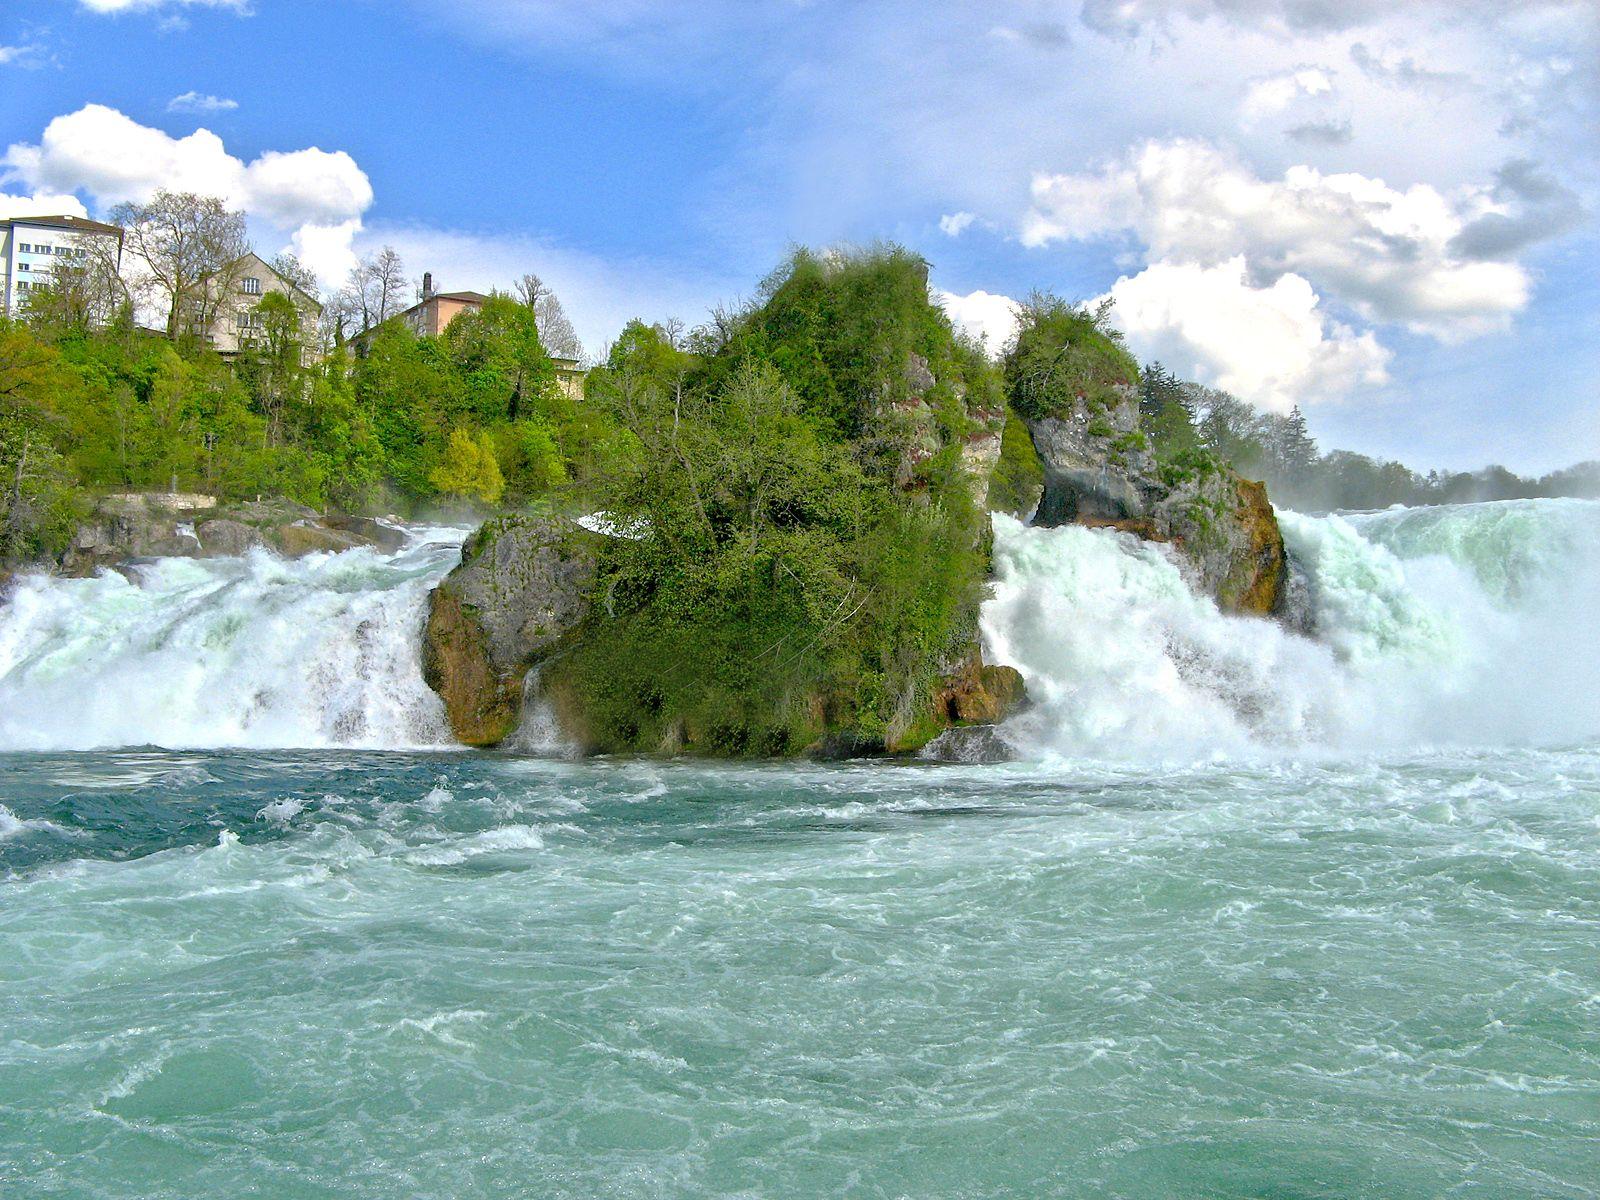 Рейнский водопад rheinfall один из